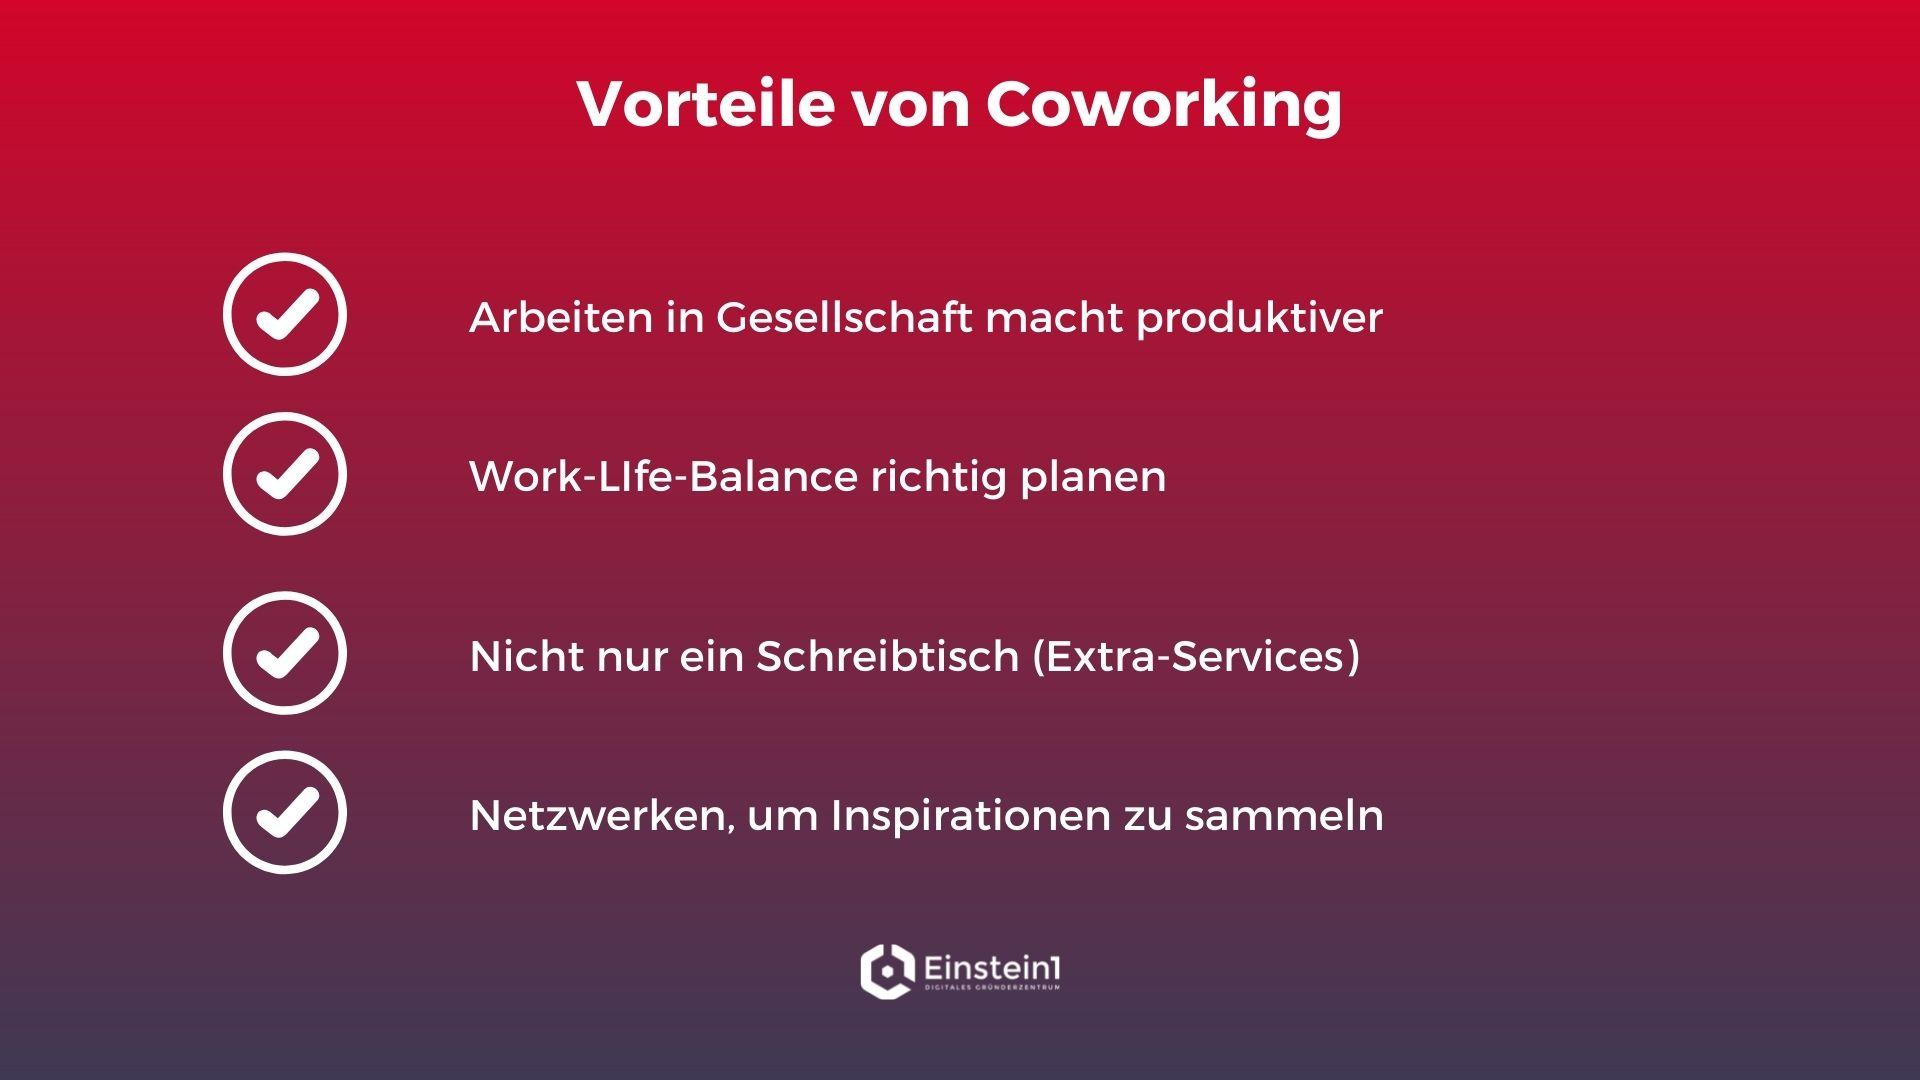 coworking-aus-dem-homeoffice-rein-in-die-neue-produktivität-coworking-vorteile-einstein1